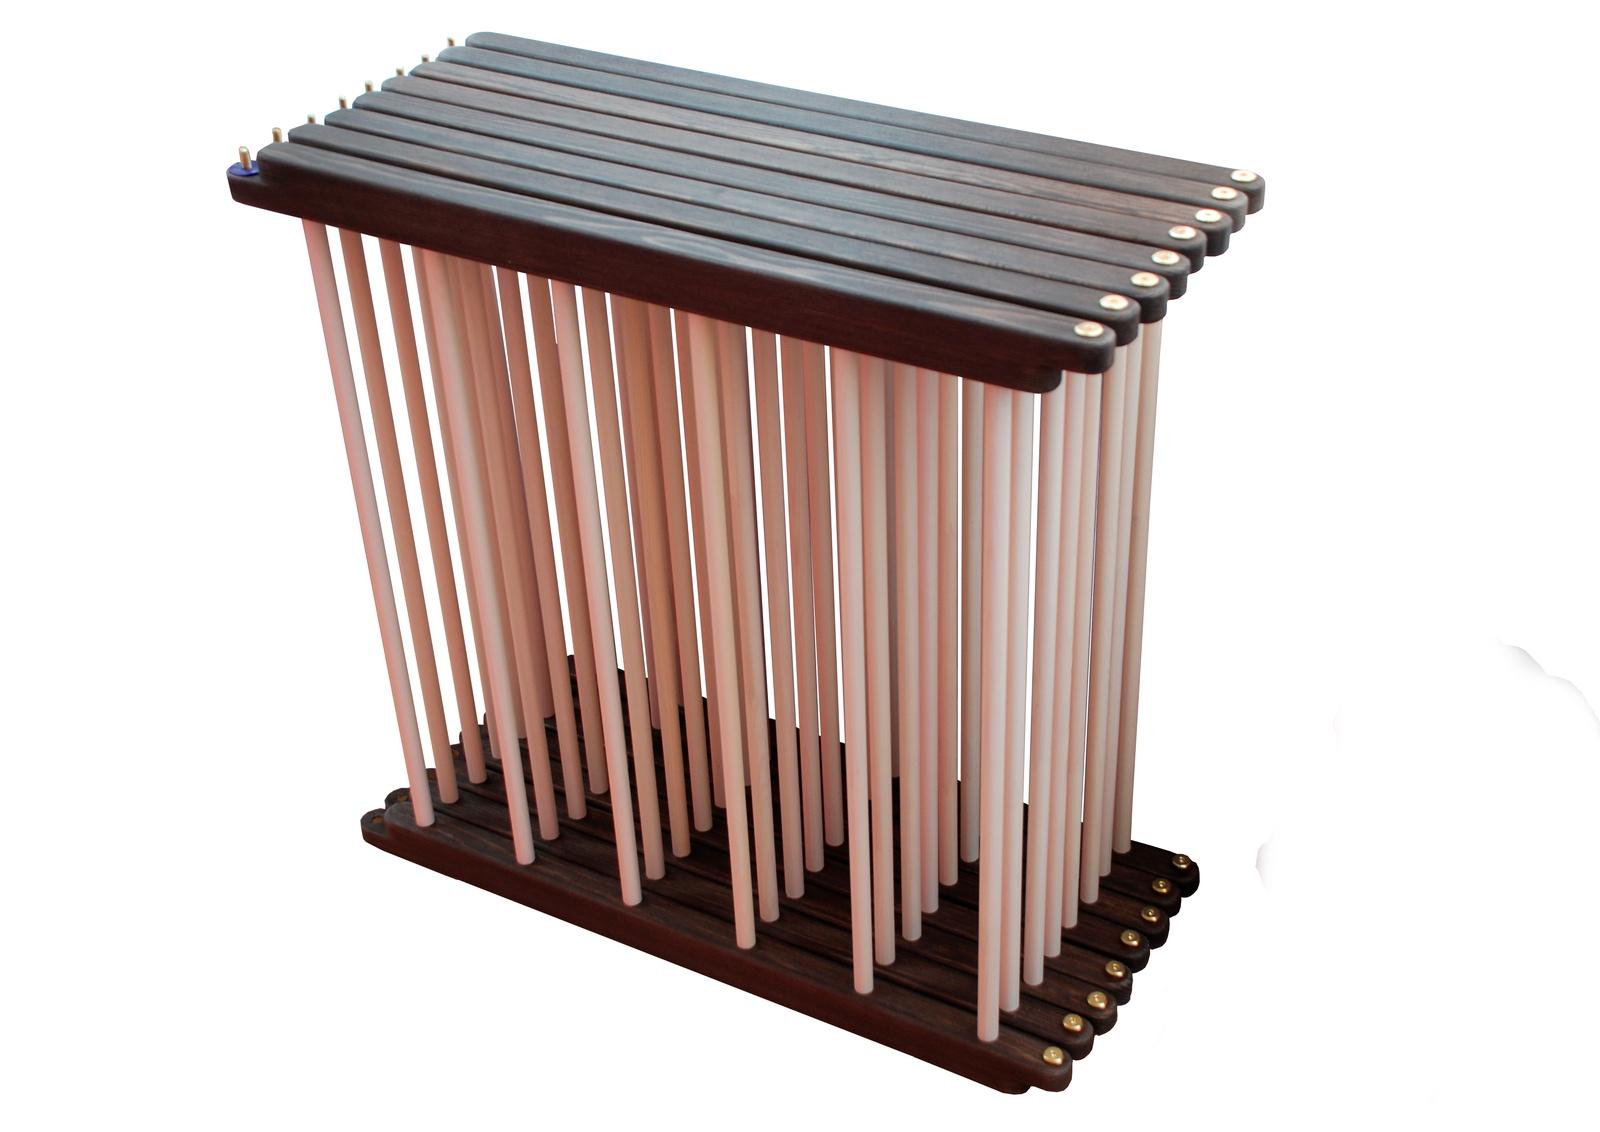 Деревянный манеж трансформер 8 секций без дверки и без дна. Расцветка